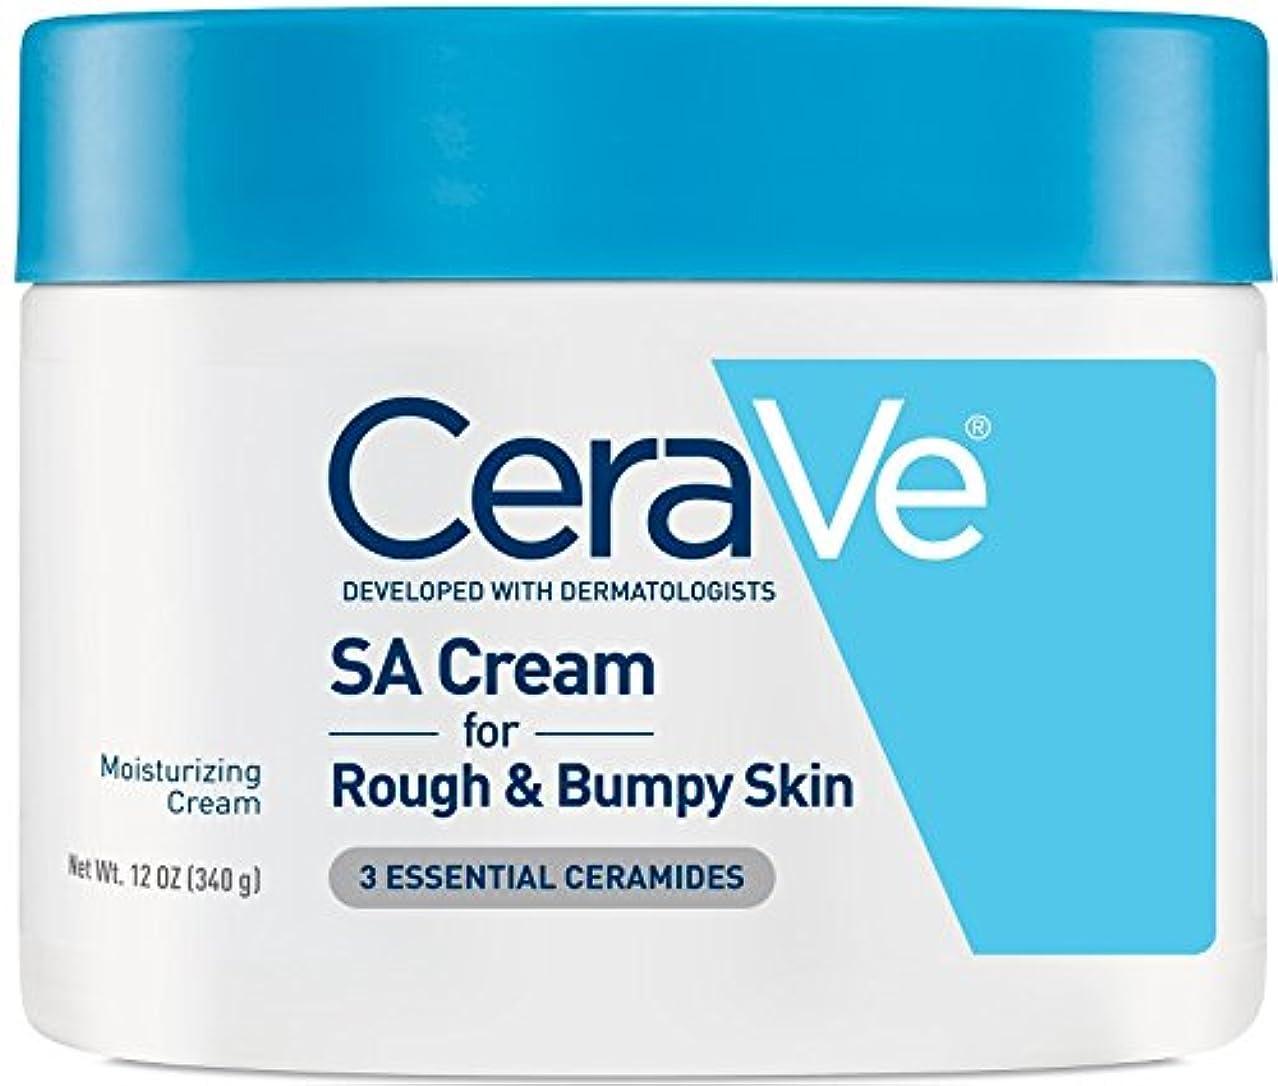 バルク肘掛け椅子扱いやすい海外直送品Cerave CeraVe Renewing SA Cream, 12 oz